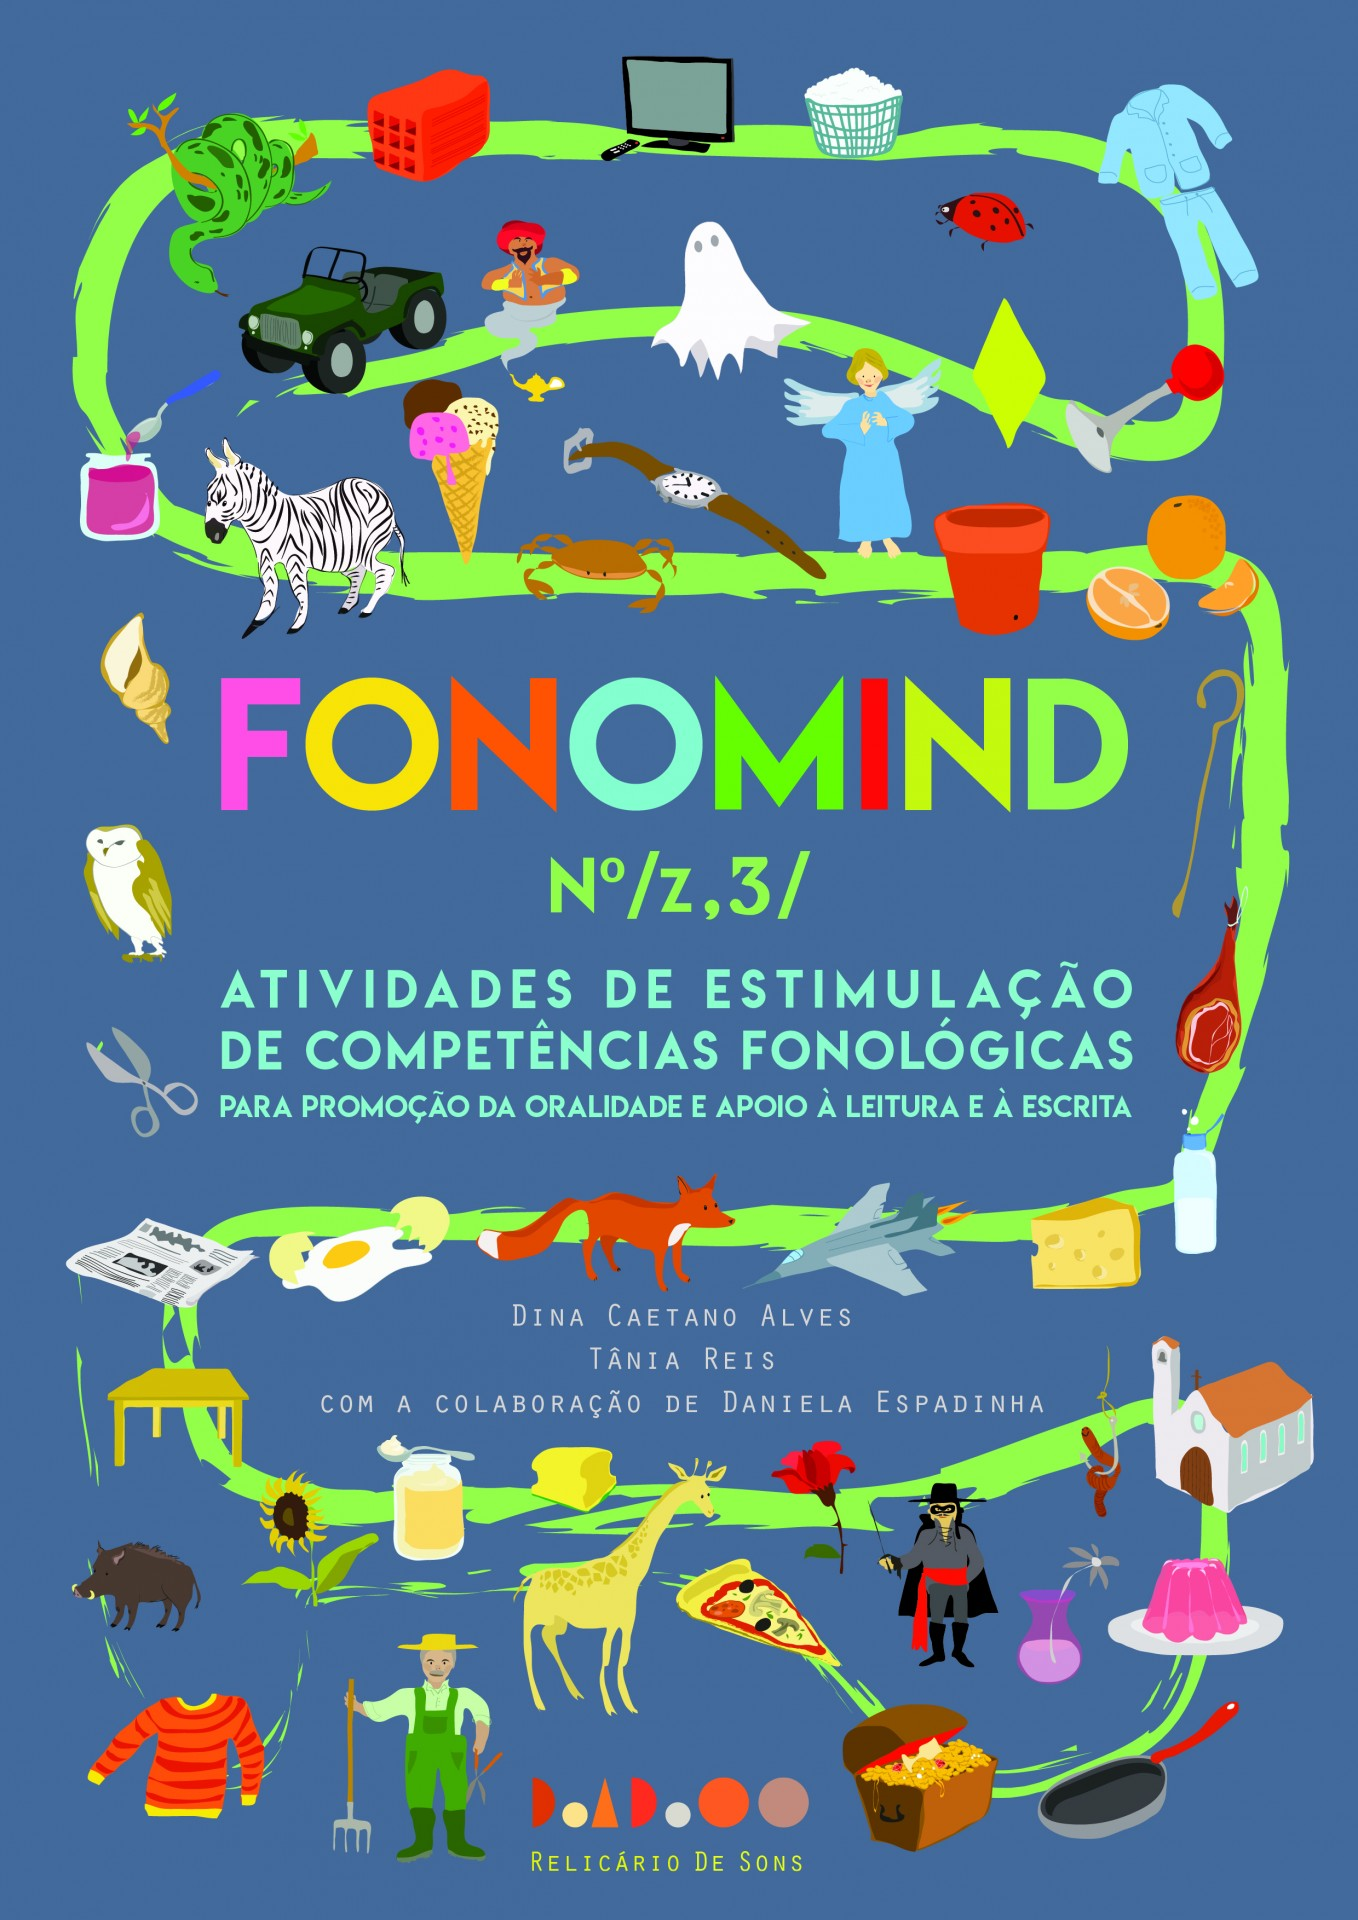 FonoMind